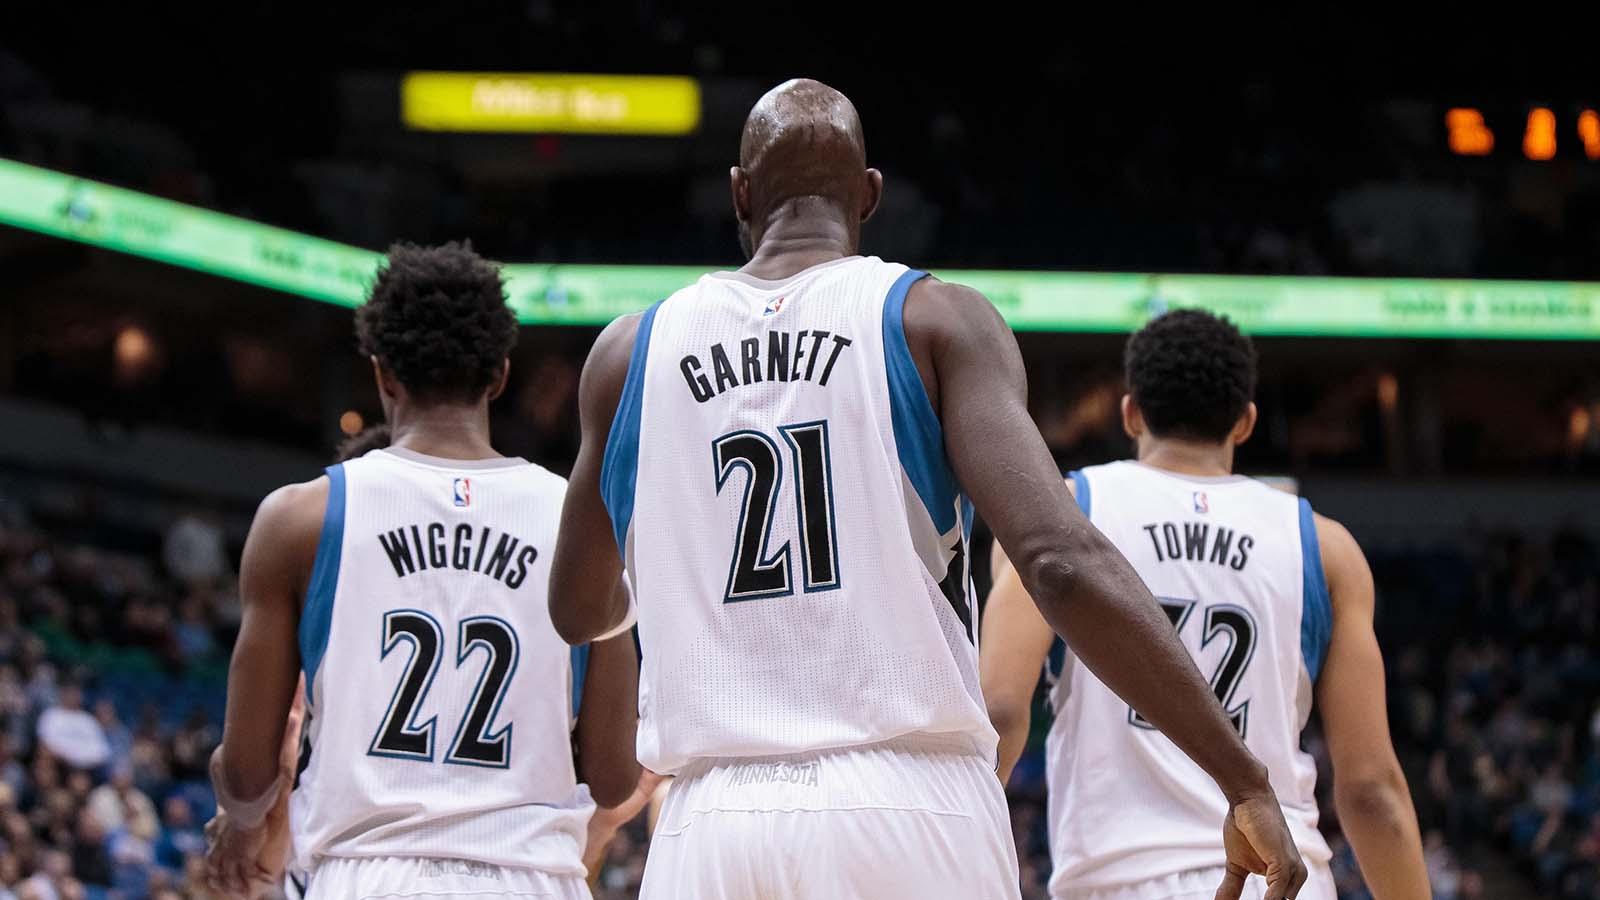 Wolves readying for post-Garnett era